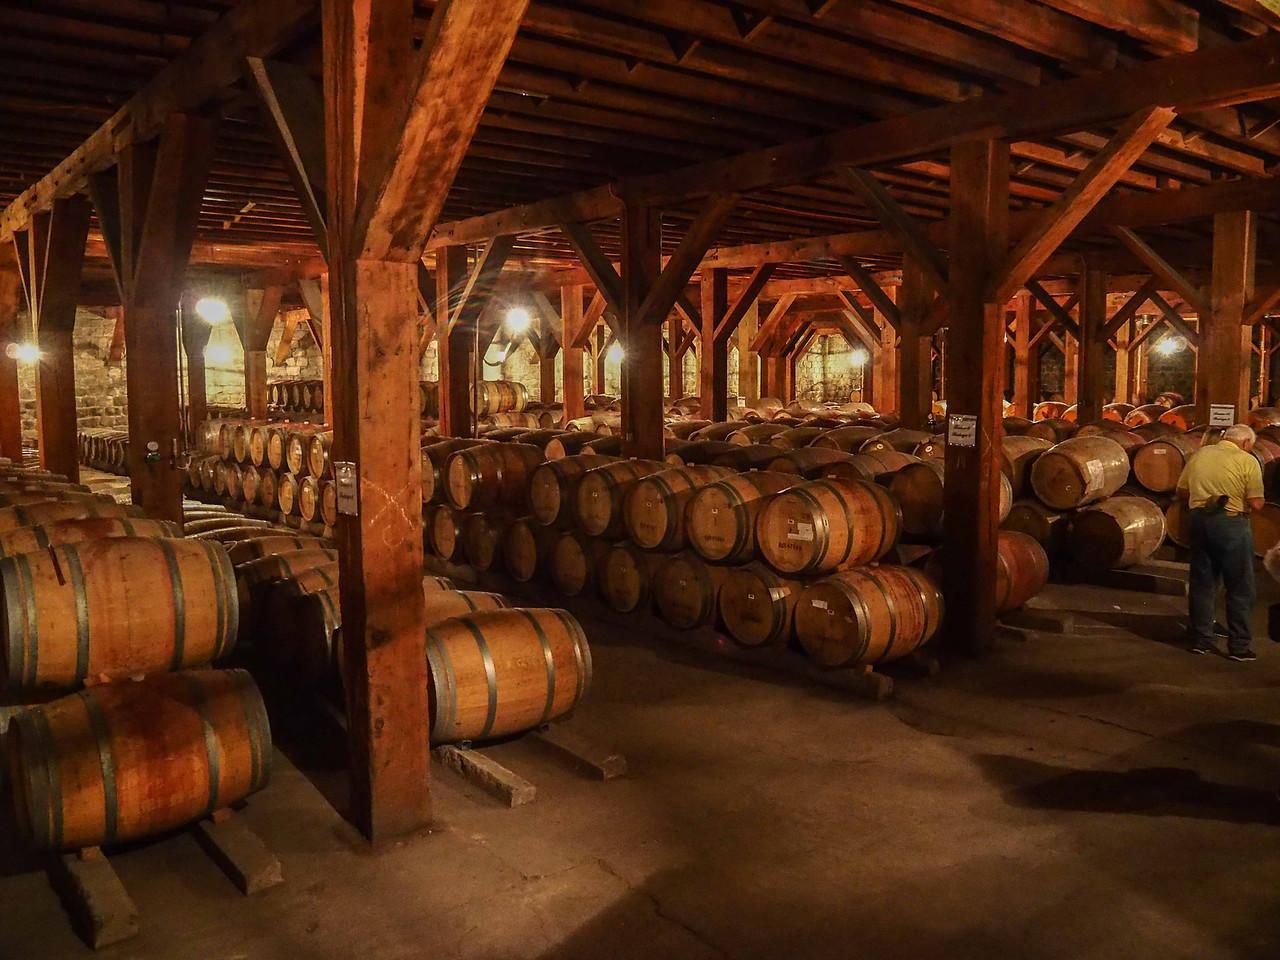 Aging the wine in oak casks